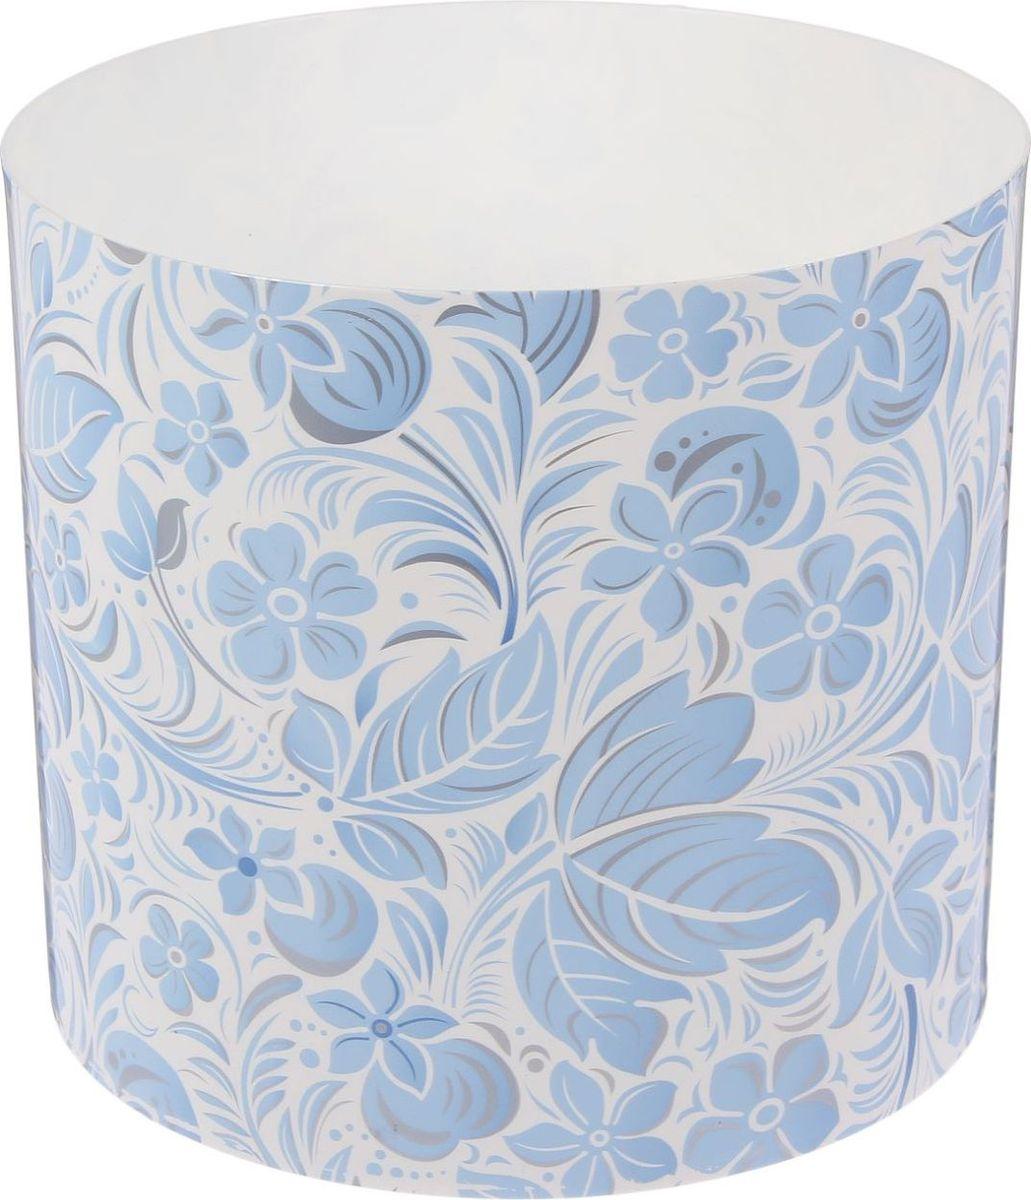 Горшок для цветов Simple Garden Листочки-цветочки, со скрытым поддоном, цвет: голубой, 5,1 л2265051Любой, даже самый современный и продуманный интерьер будет незавершённым без растений. Они не только очищают воздух и насыщают его кислородом, но и украшают окружающее пространство. Такому полезному члену семьи просто необходим красивый и функциональный дом! Мы предлагаем #name#! Оптимальный выбор материала — пластмасса! Почему мы так считаем?Малый вес. С лёгкостью переносите горшки и кашпо с места на место, ставьте их на столики или полки, не беспокоясь о нагрузке. Простота ухода. Кашпо не нуждается в специальных условиях хранения. Его легко чистить — достаточно просто сполоснуть тёплой водой. Никаких потёртостей. Такие кашпо не царапают и не загрязняют поверхности, на которых стоят. Пластик дольше хранит влагу, а значит, растение реже нуждается в поливе. Пластмасса не пропускает воздух — корневой системе растения не грозят резкие перепады температур. Огромный выбор форм, декора и расцветок — вы без труда найдёте что-то, что идеально впишется в уже существующий интерьер. Соблюдая нехитрые правила ухода, вы можете заметно продлить срок службы горшков и кашпо из пластика:всегда учитывайте размер кроны и корневой системы (при разрастании большое растение способно повредить маленький горшок)берегите изделие от воздействия прямых солнечных лучей, чтобы горшки не выцветалидержите кашпо из пластика подальше от нагревающихся поверхностей. Создавайте прекрасные цветочные композиции, выращивайте рассаду или необычные растения.